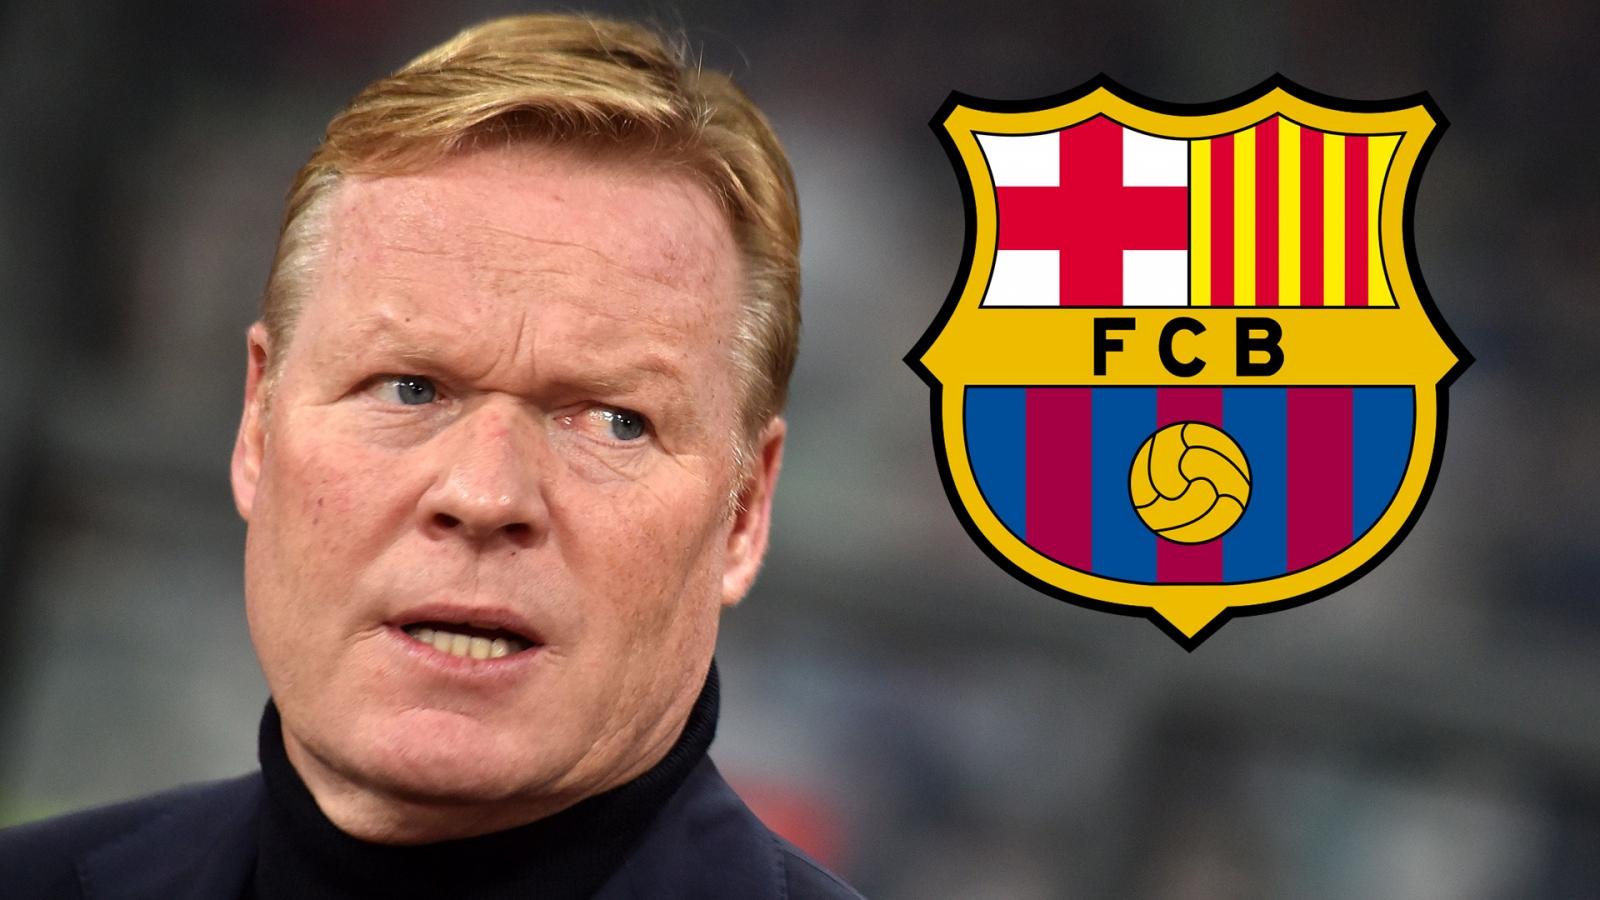 Đội hình có thể giúp HLV Ronald Koeman đánh bại Villarreal